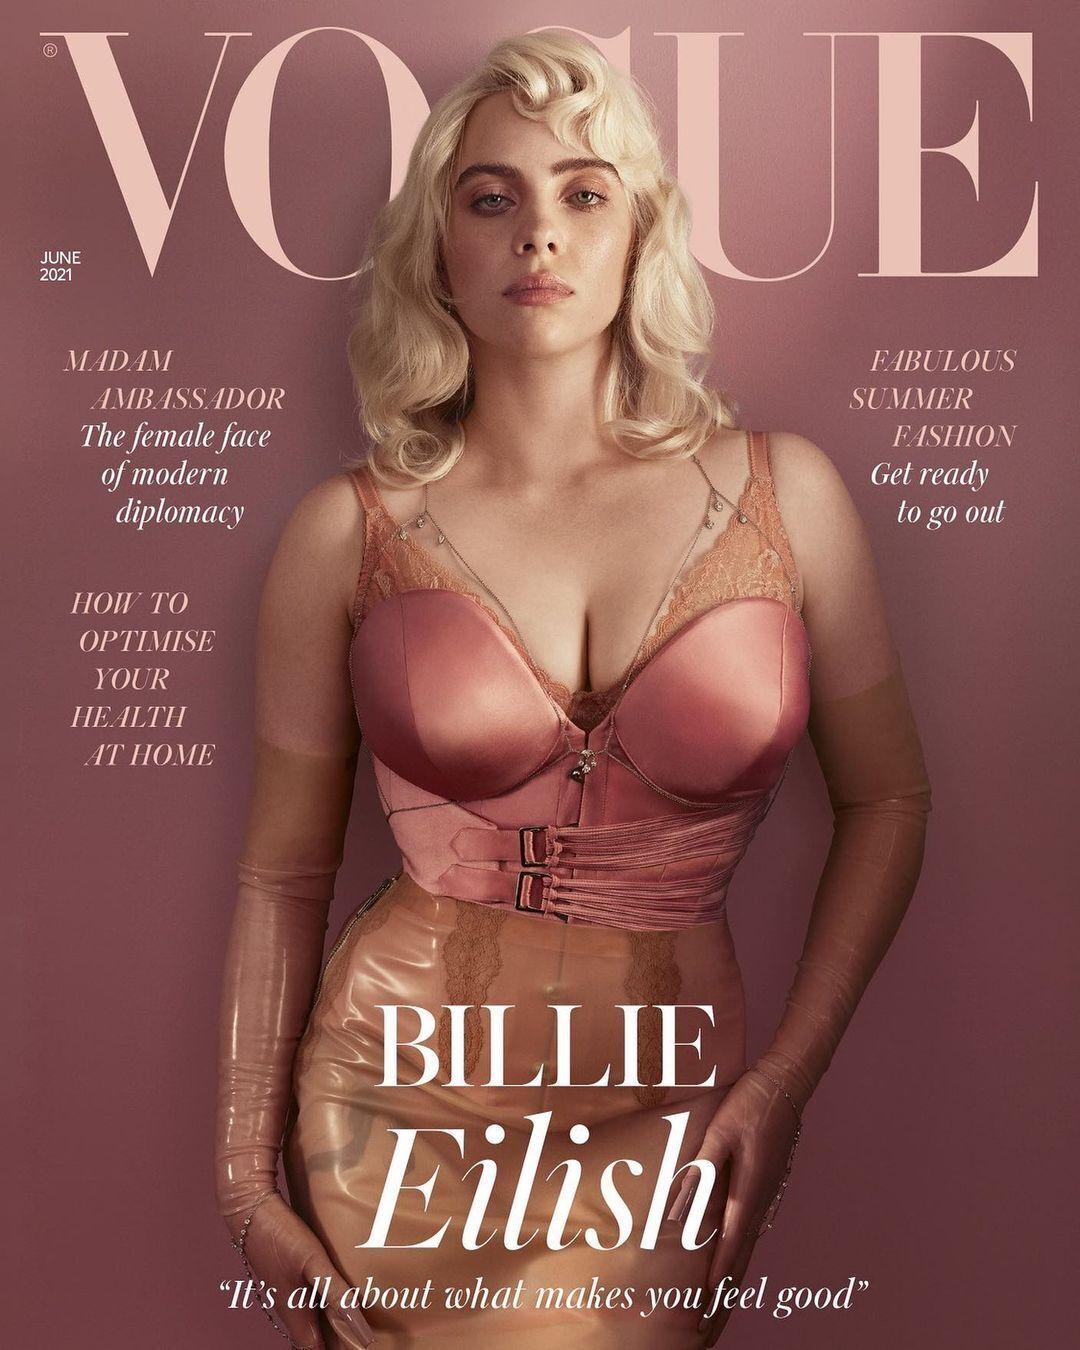 Біллі Айліш прикрасила обкладинку Vogue